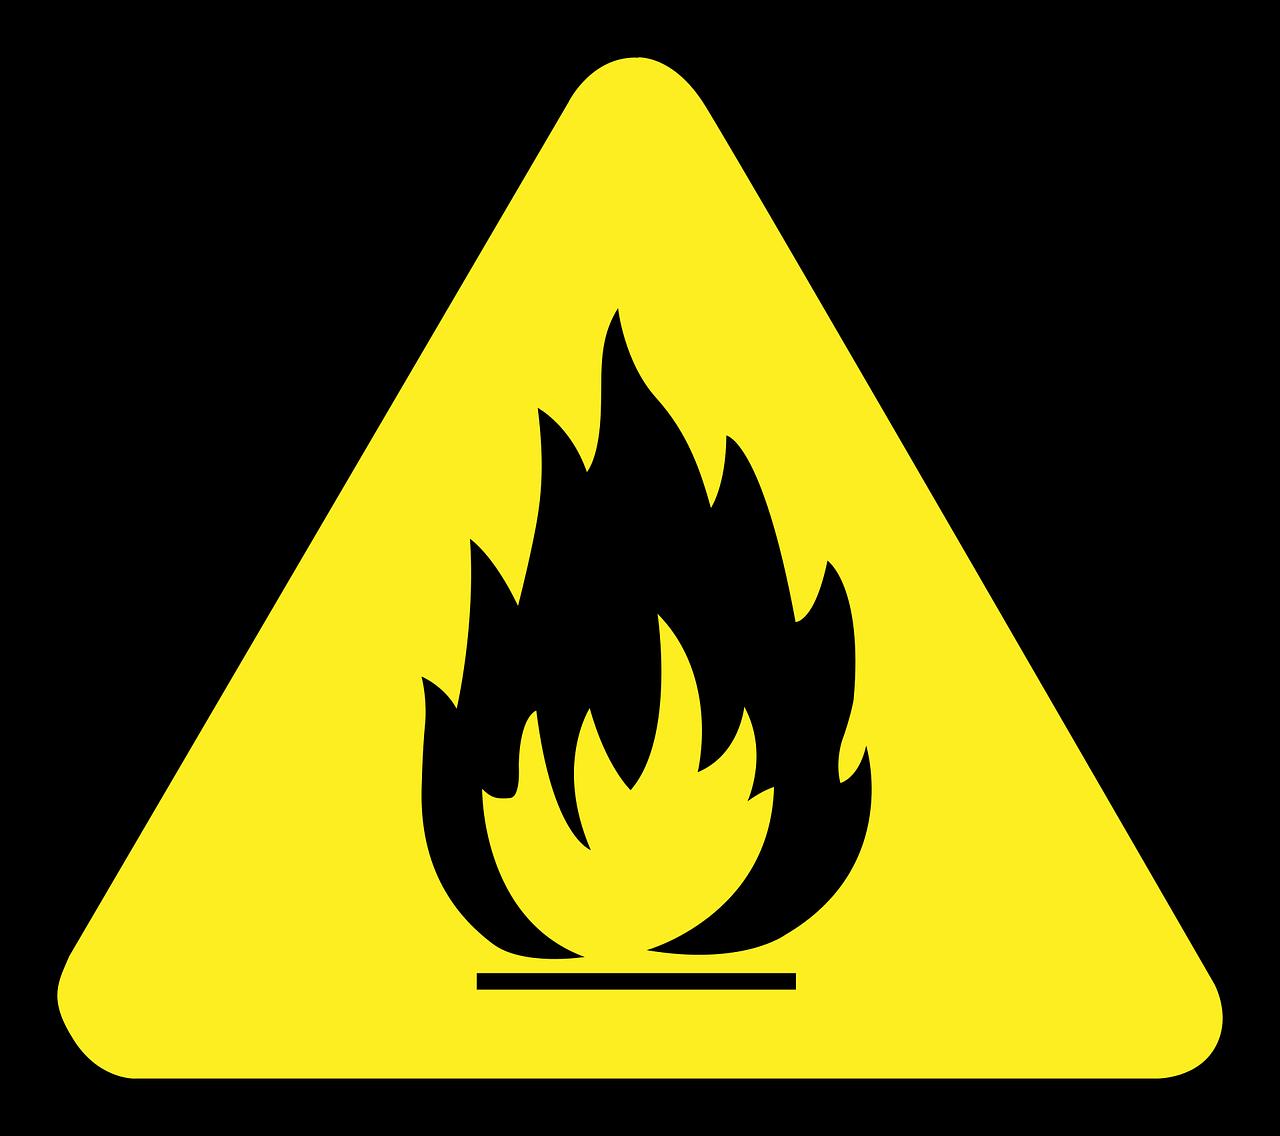 file/ELEMENTO_NEWSLETTER/20123/Incendi_Prevenzione_Segnale_caution-1491550_1280.png